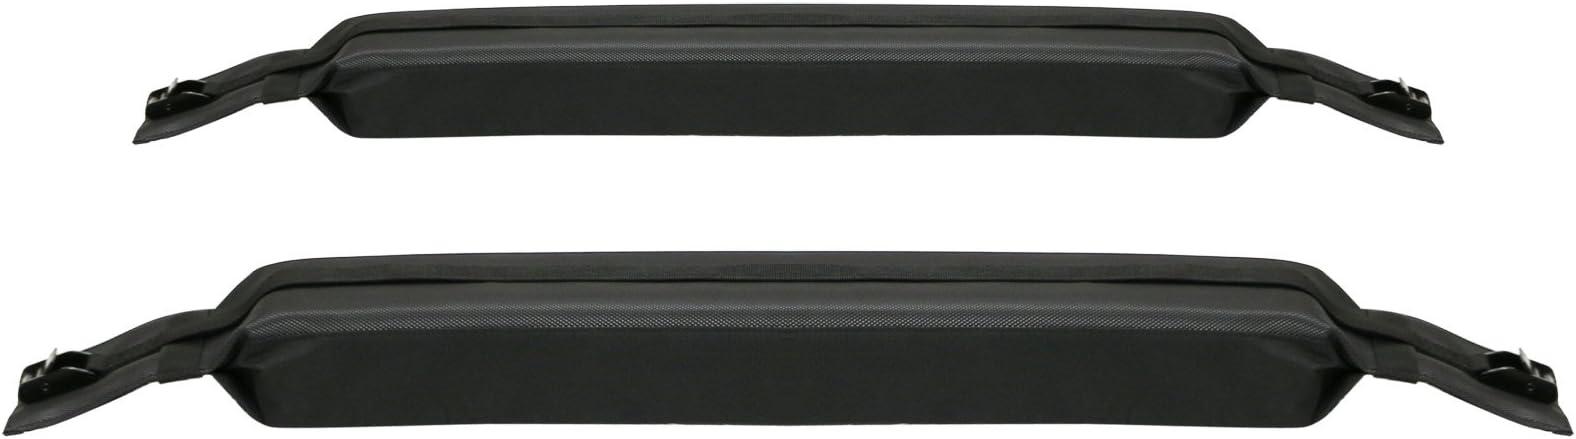 Hardcastle Universal Auto Dachträger Weich Gepolstert 80 Cm Auto